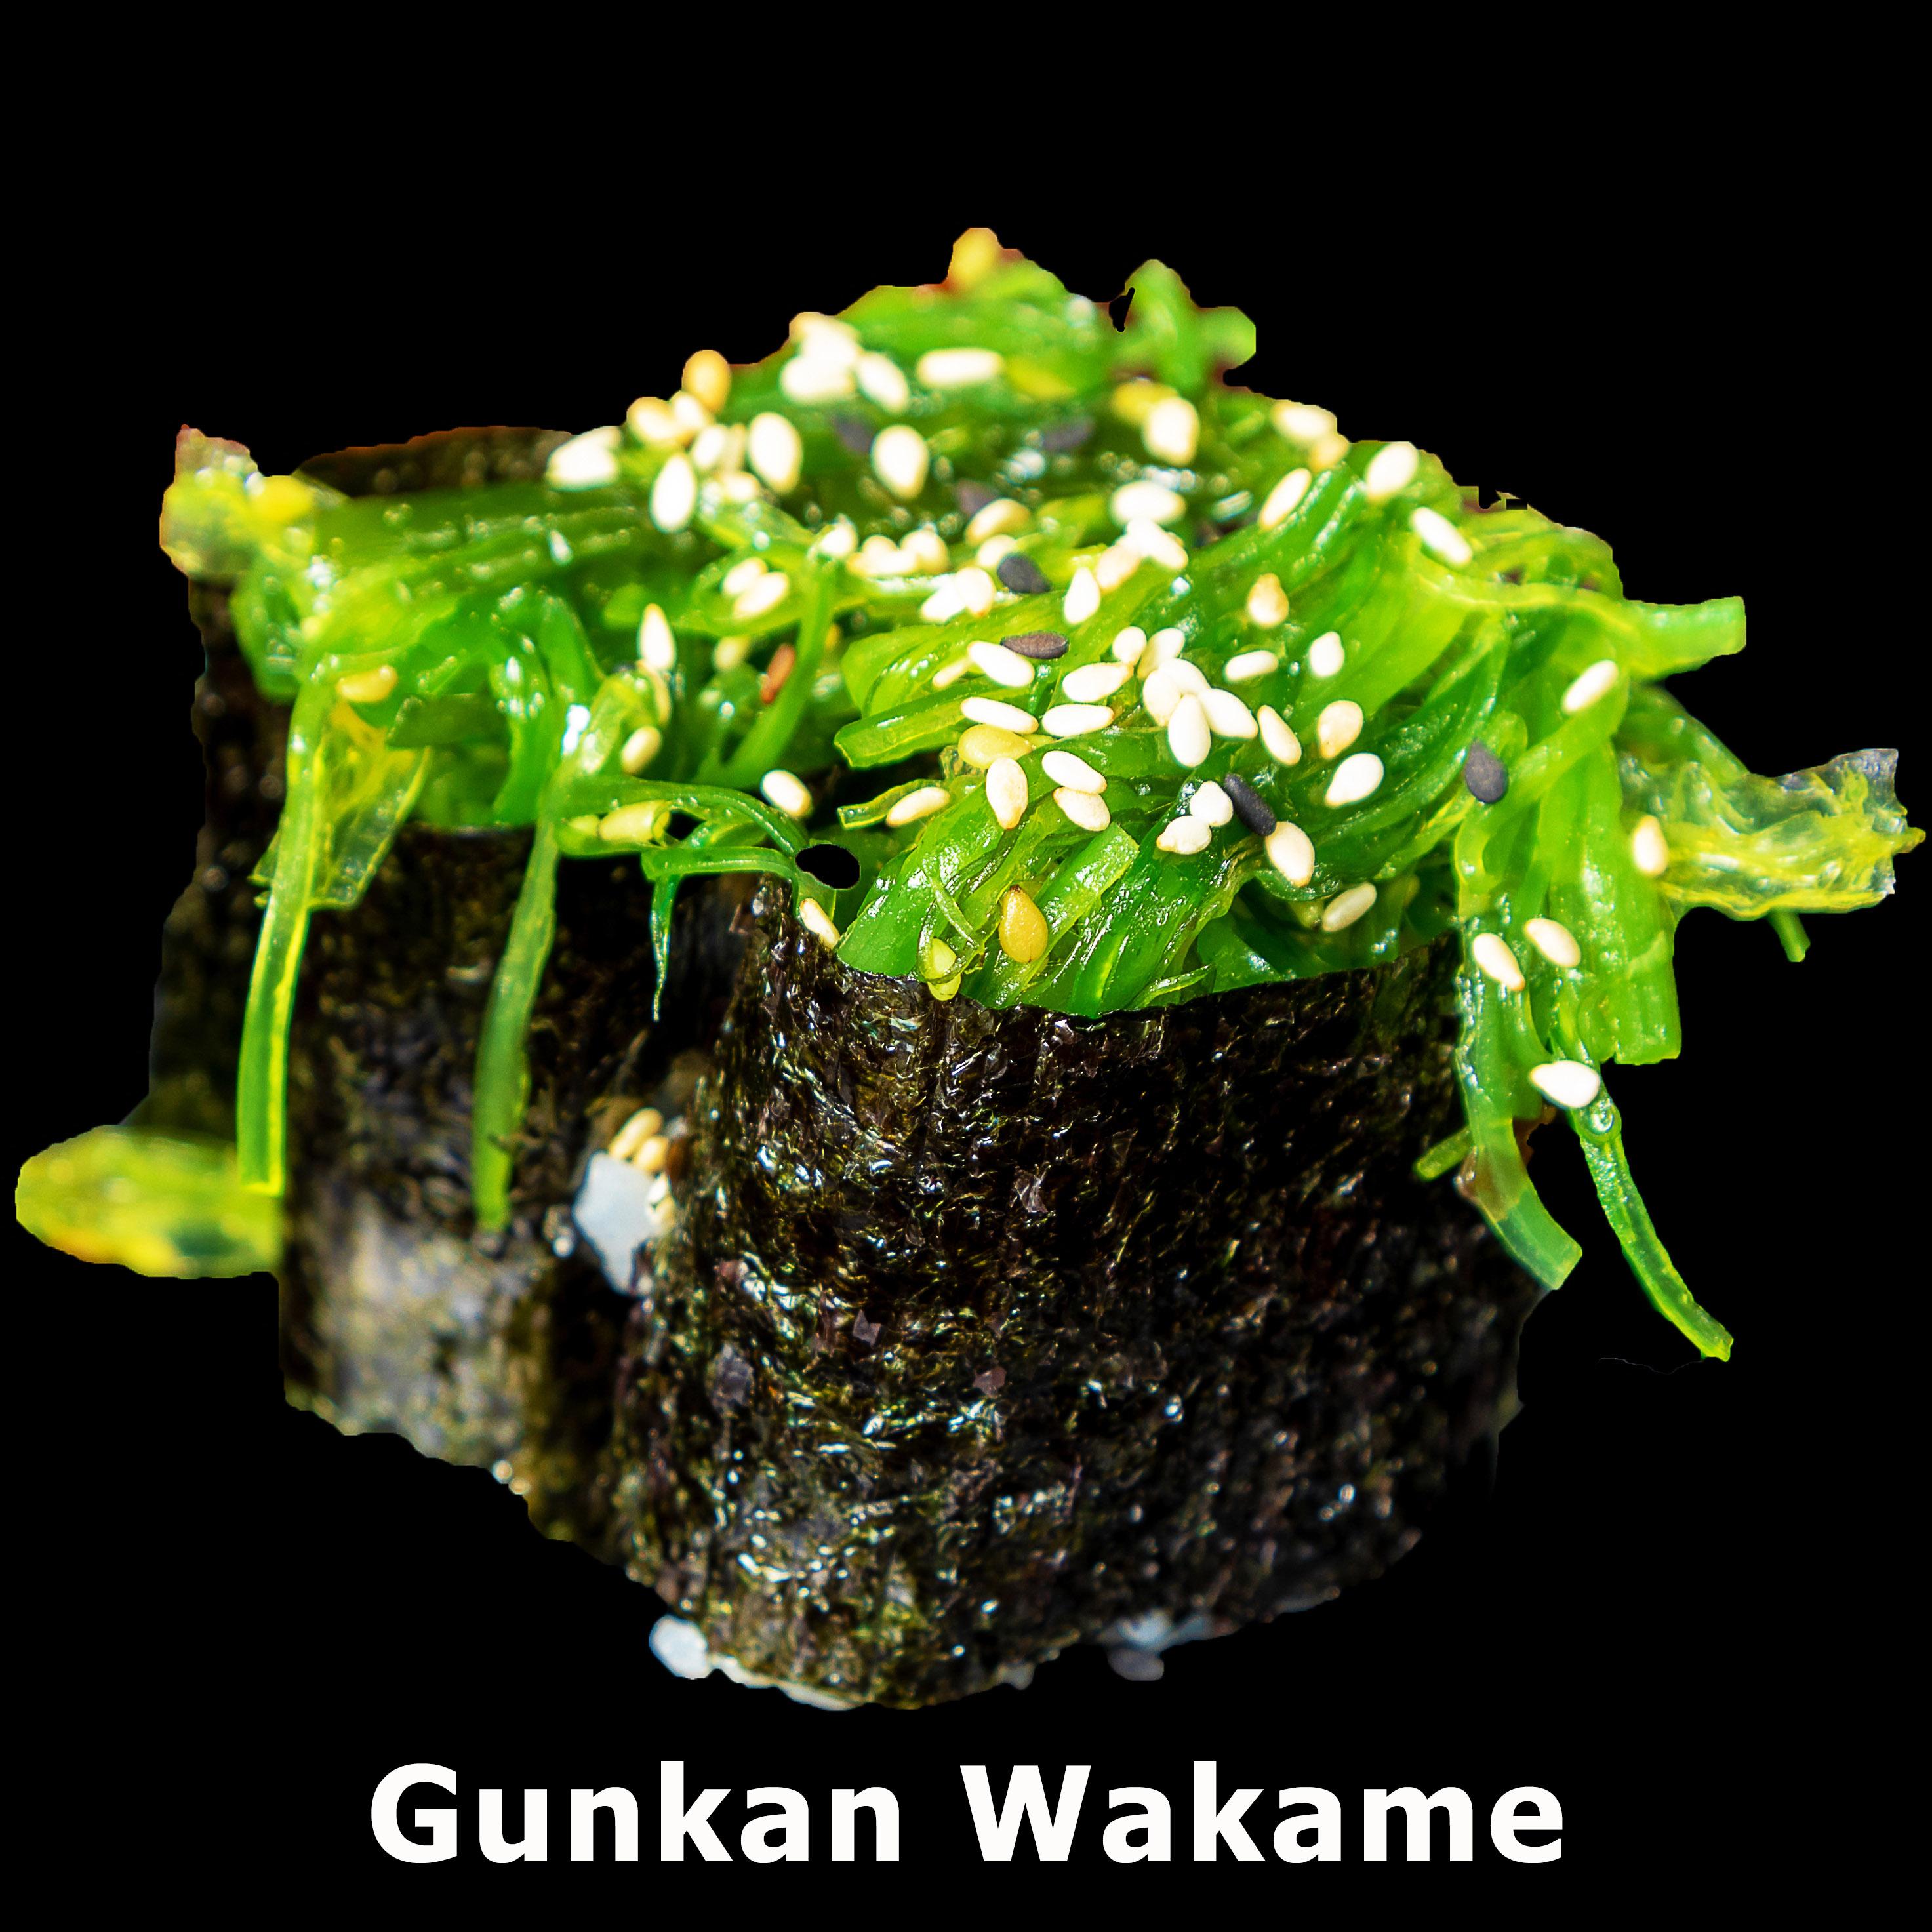 80. Gunkan Wakame